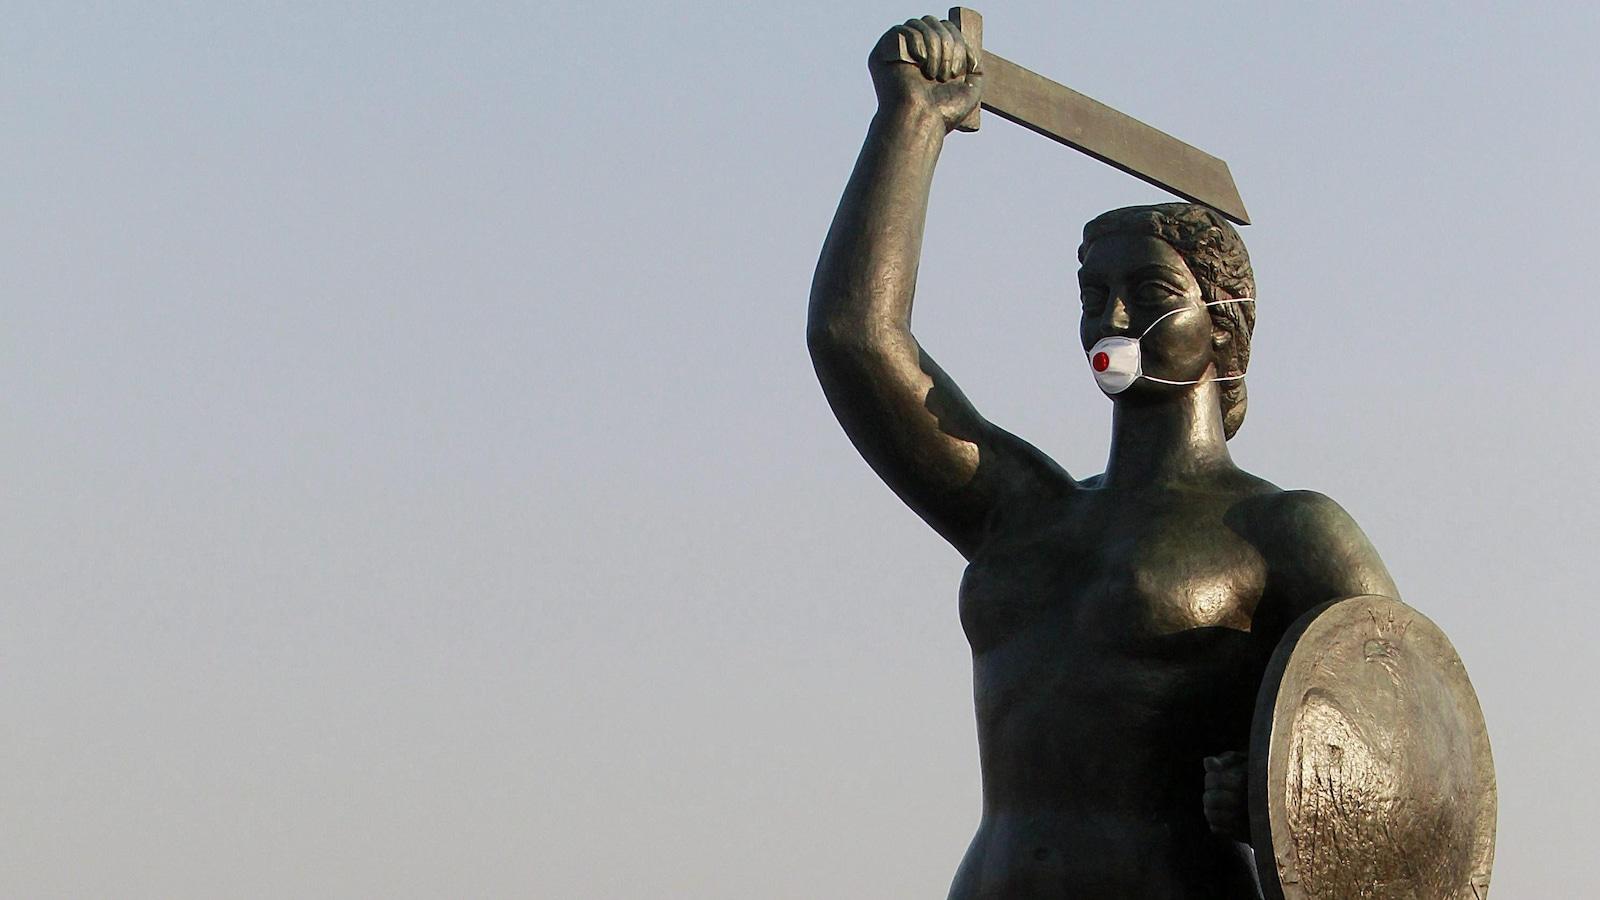 Une statue de sirène avec une épée porte un masque.